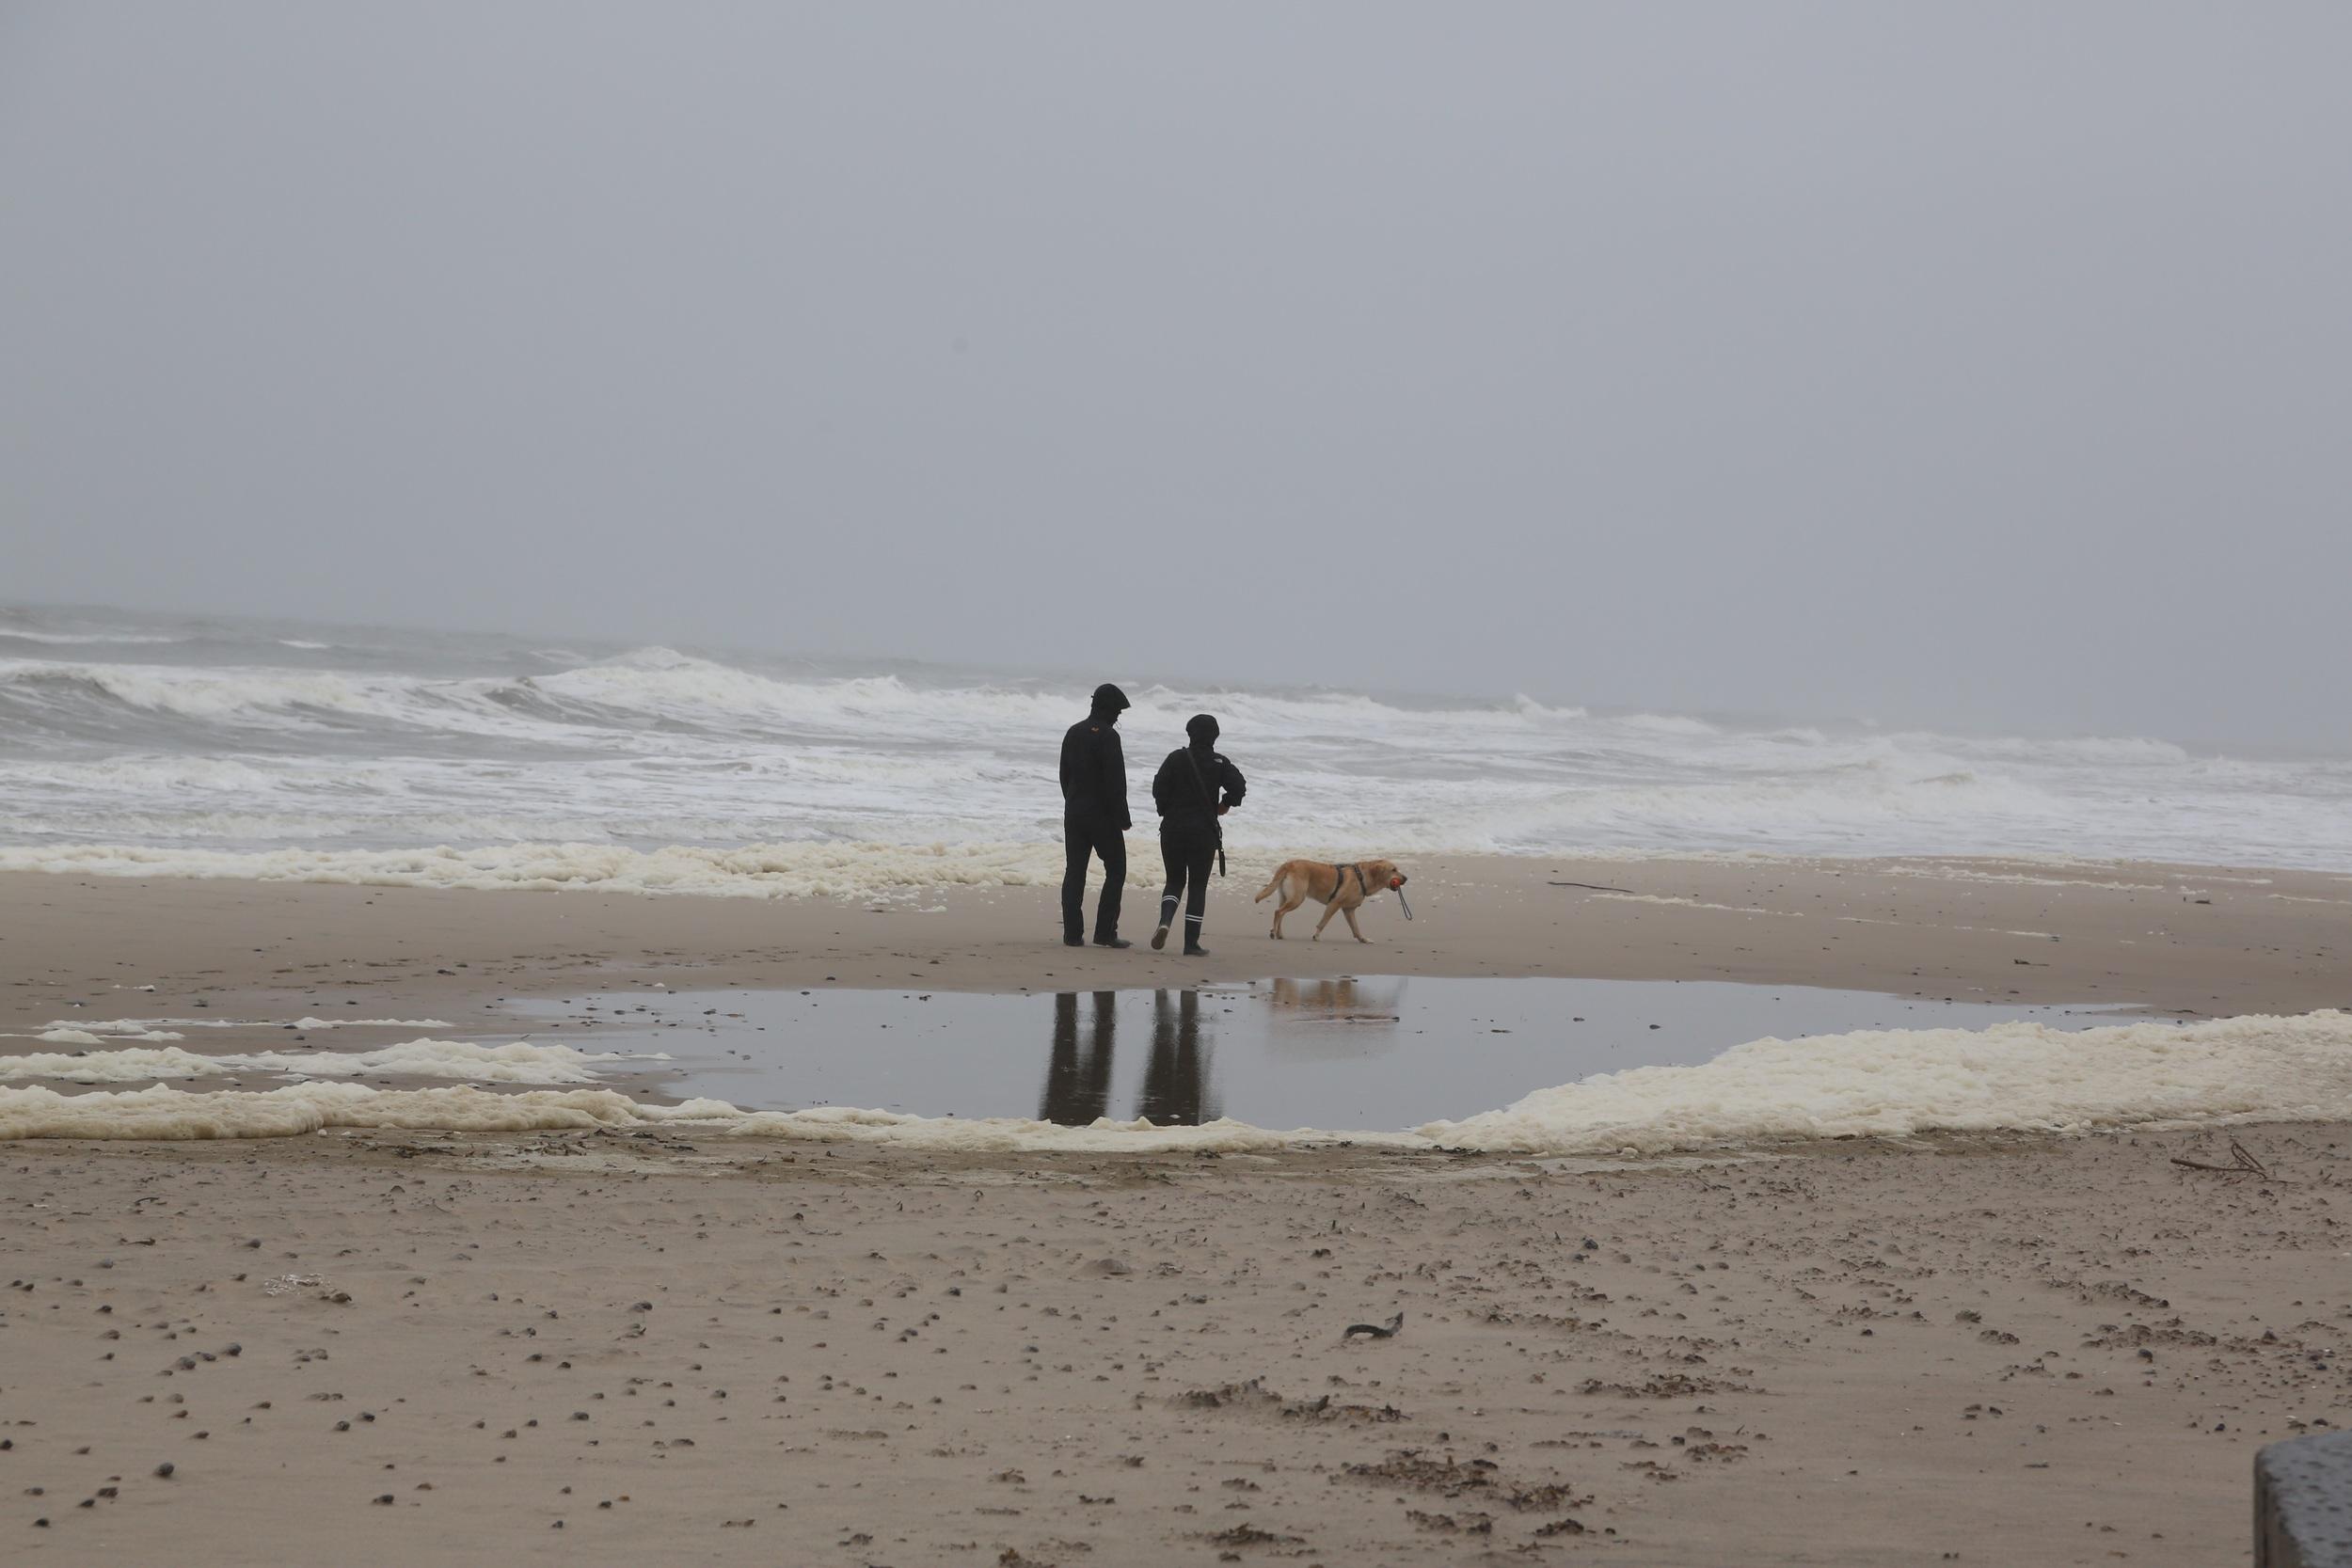 Er du klar for en romantisk tur ved havet? Prøv Vesterhavet i Danmark. Foto: Odd Roar Lange